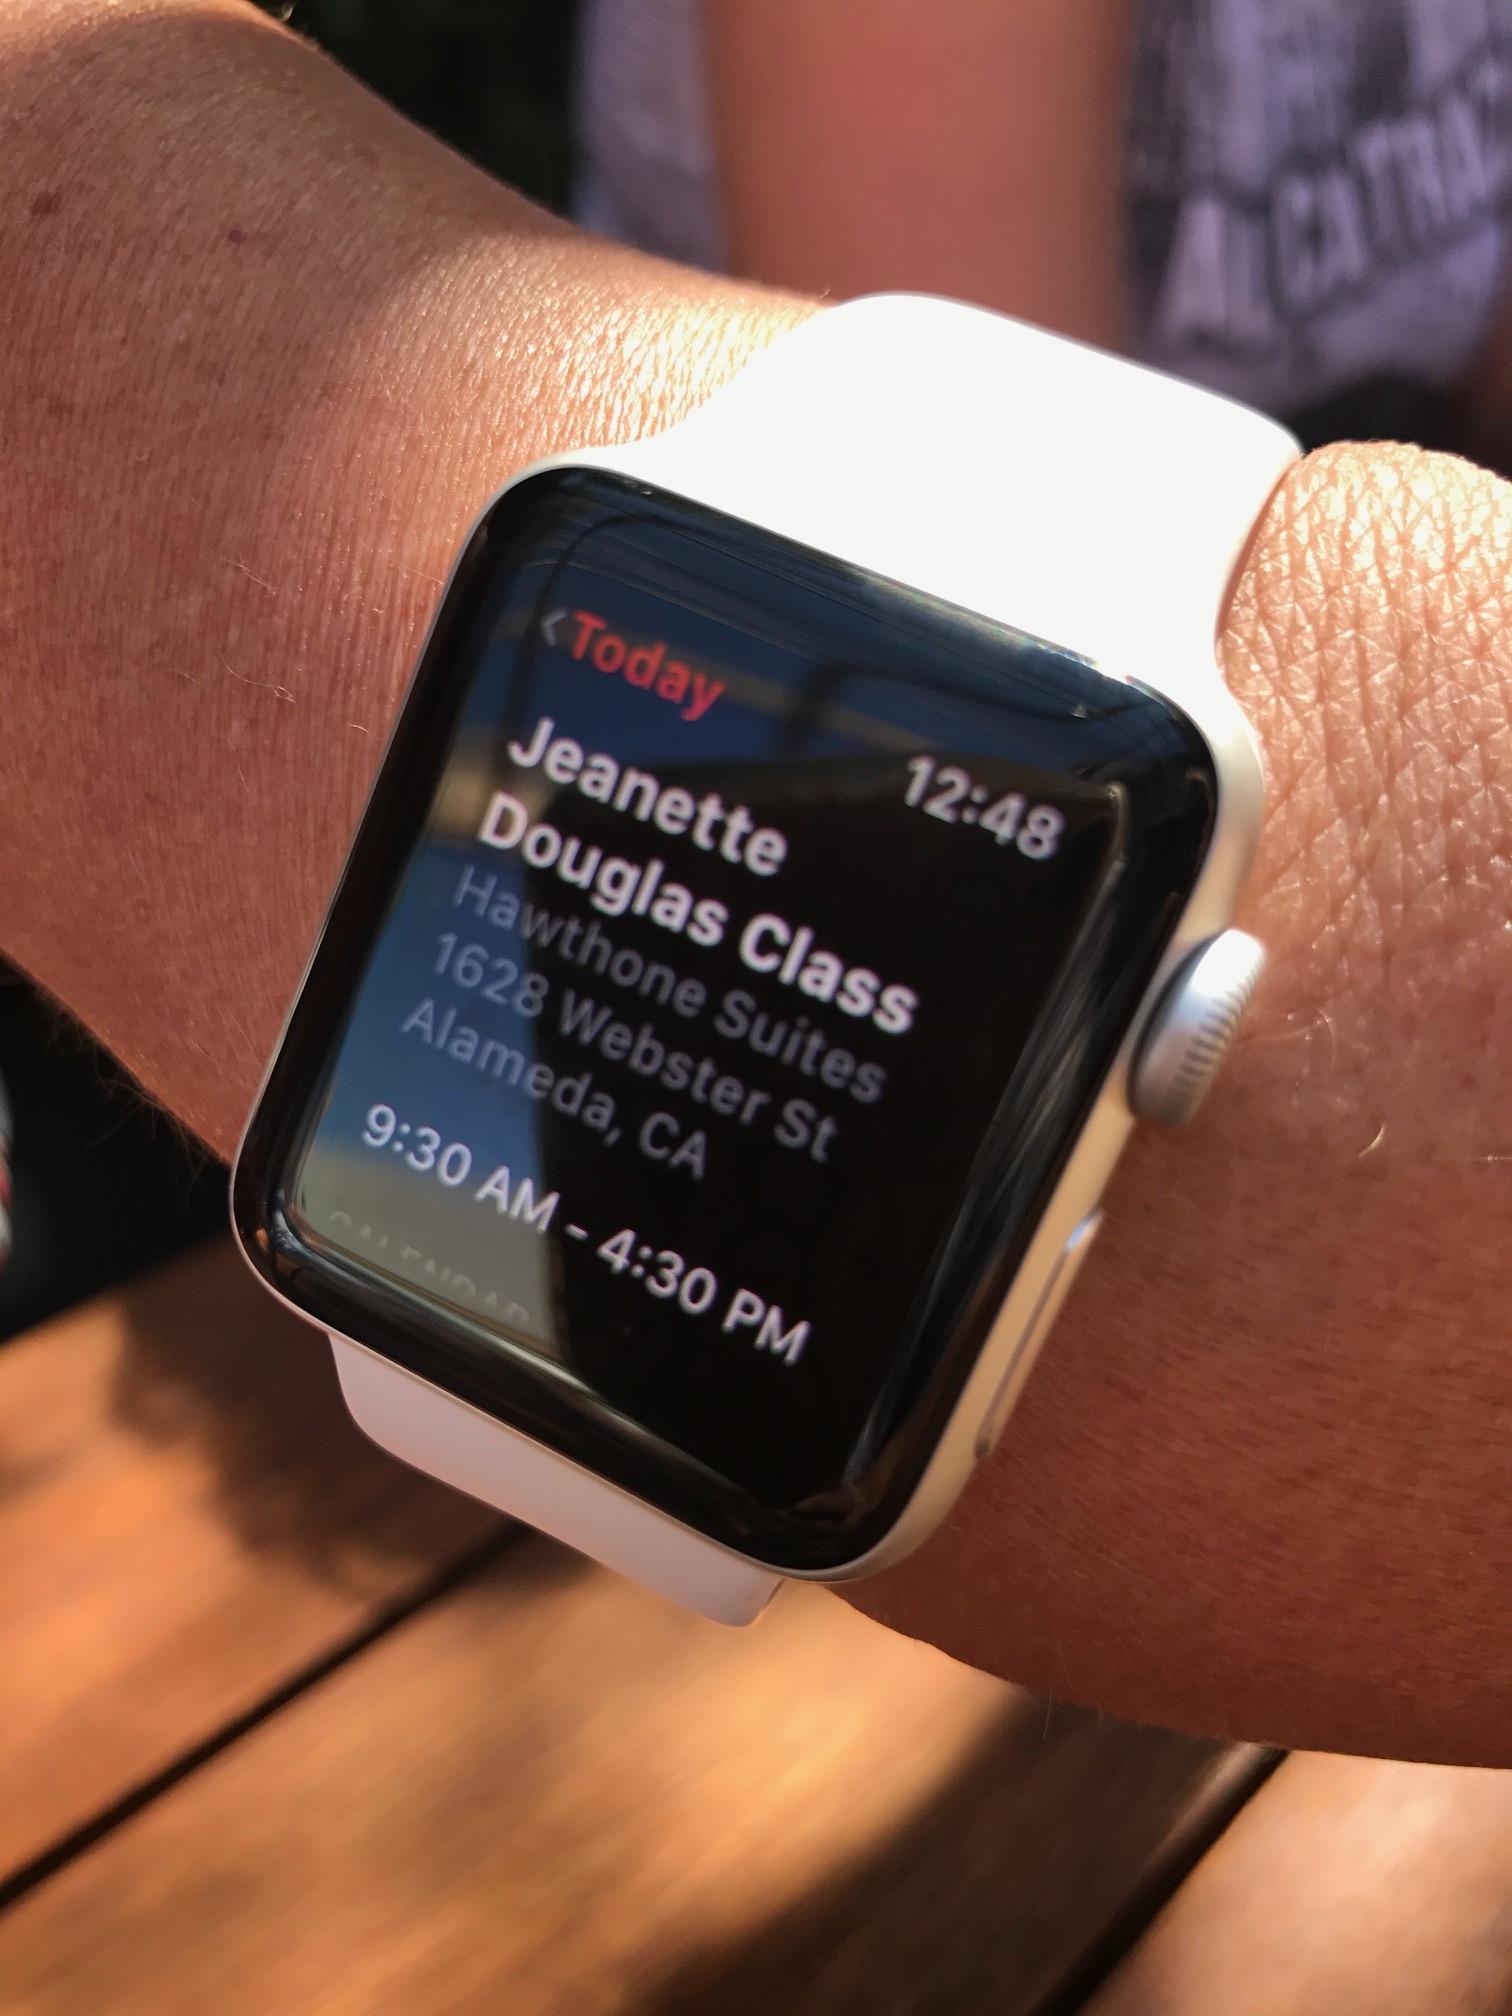 A notification on an attendees watch! Fun!